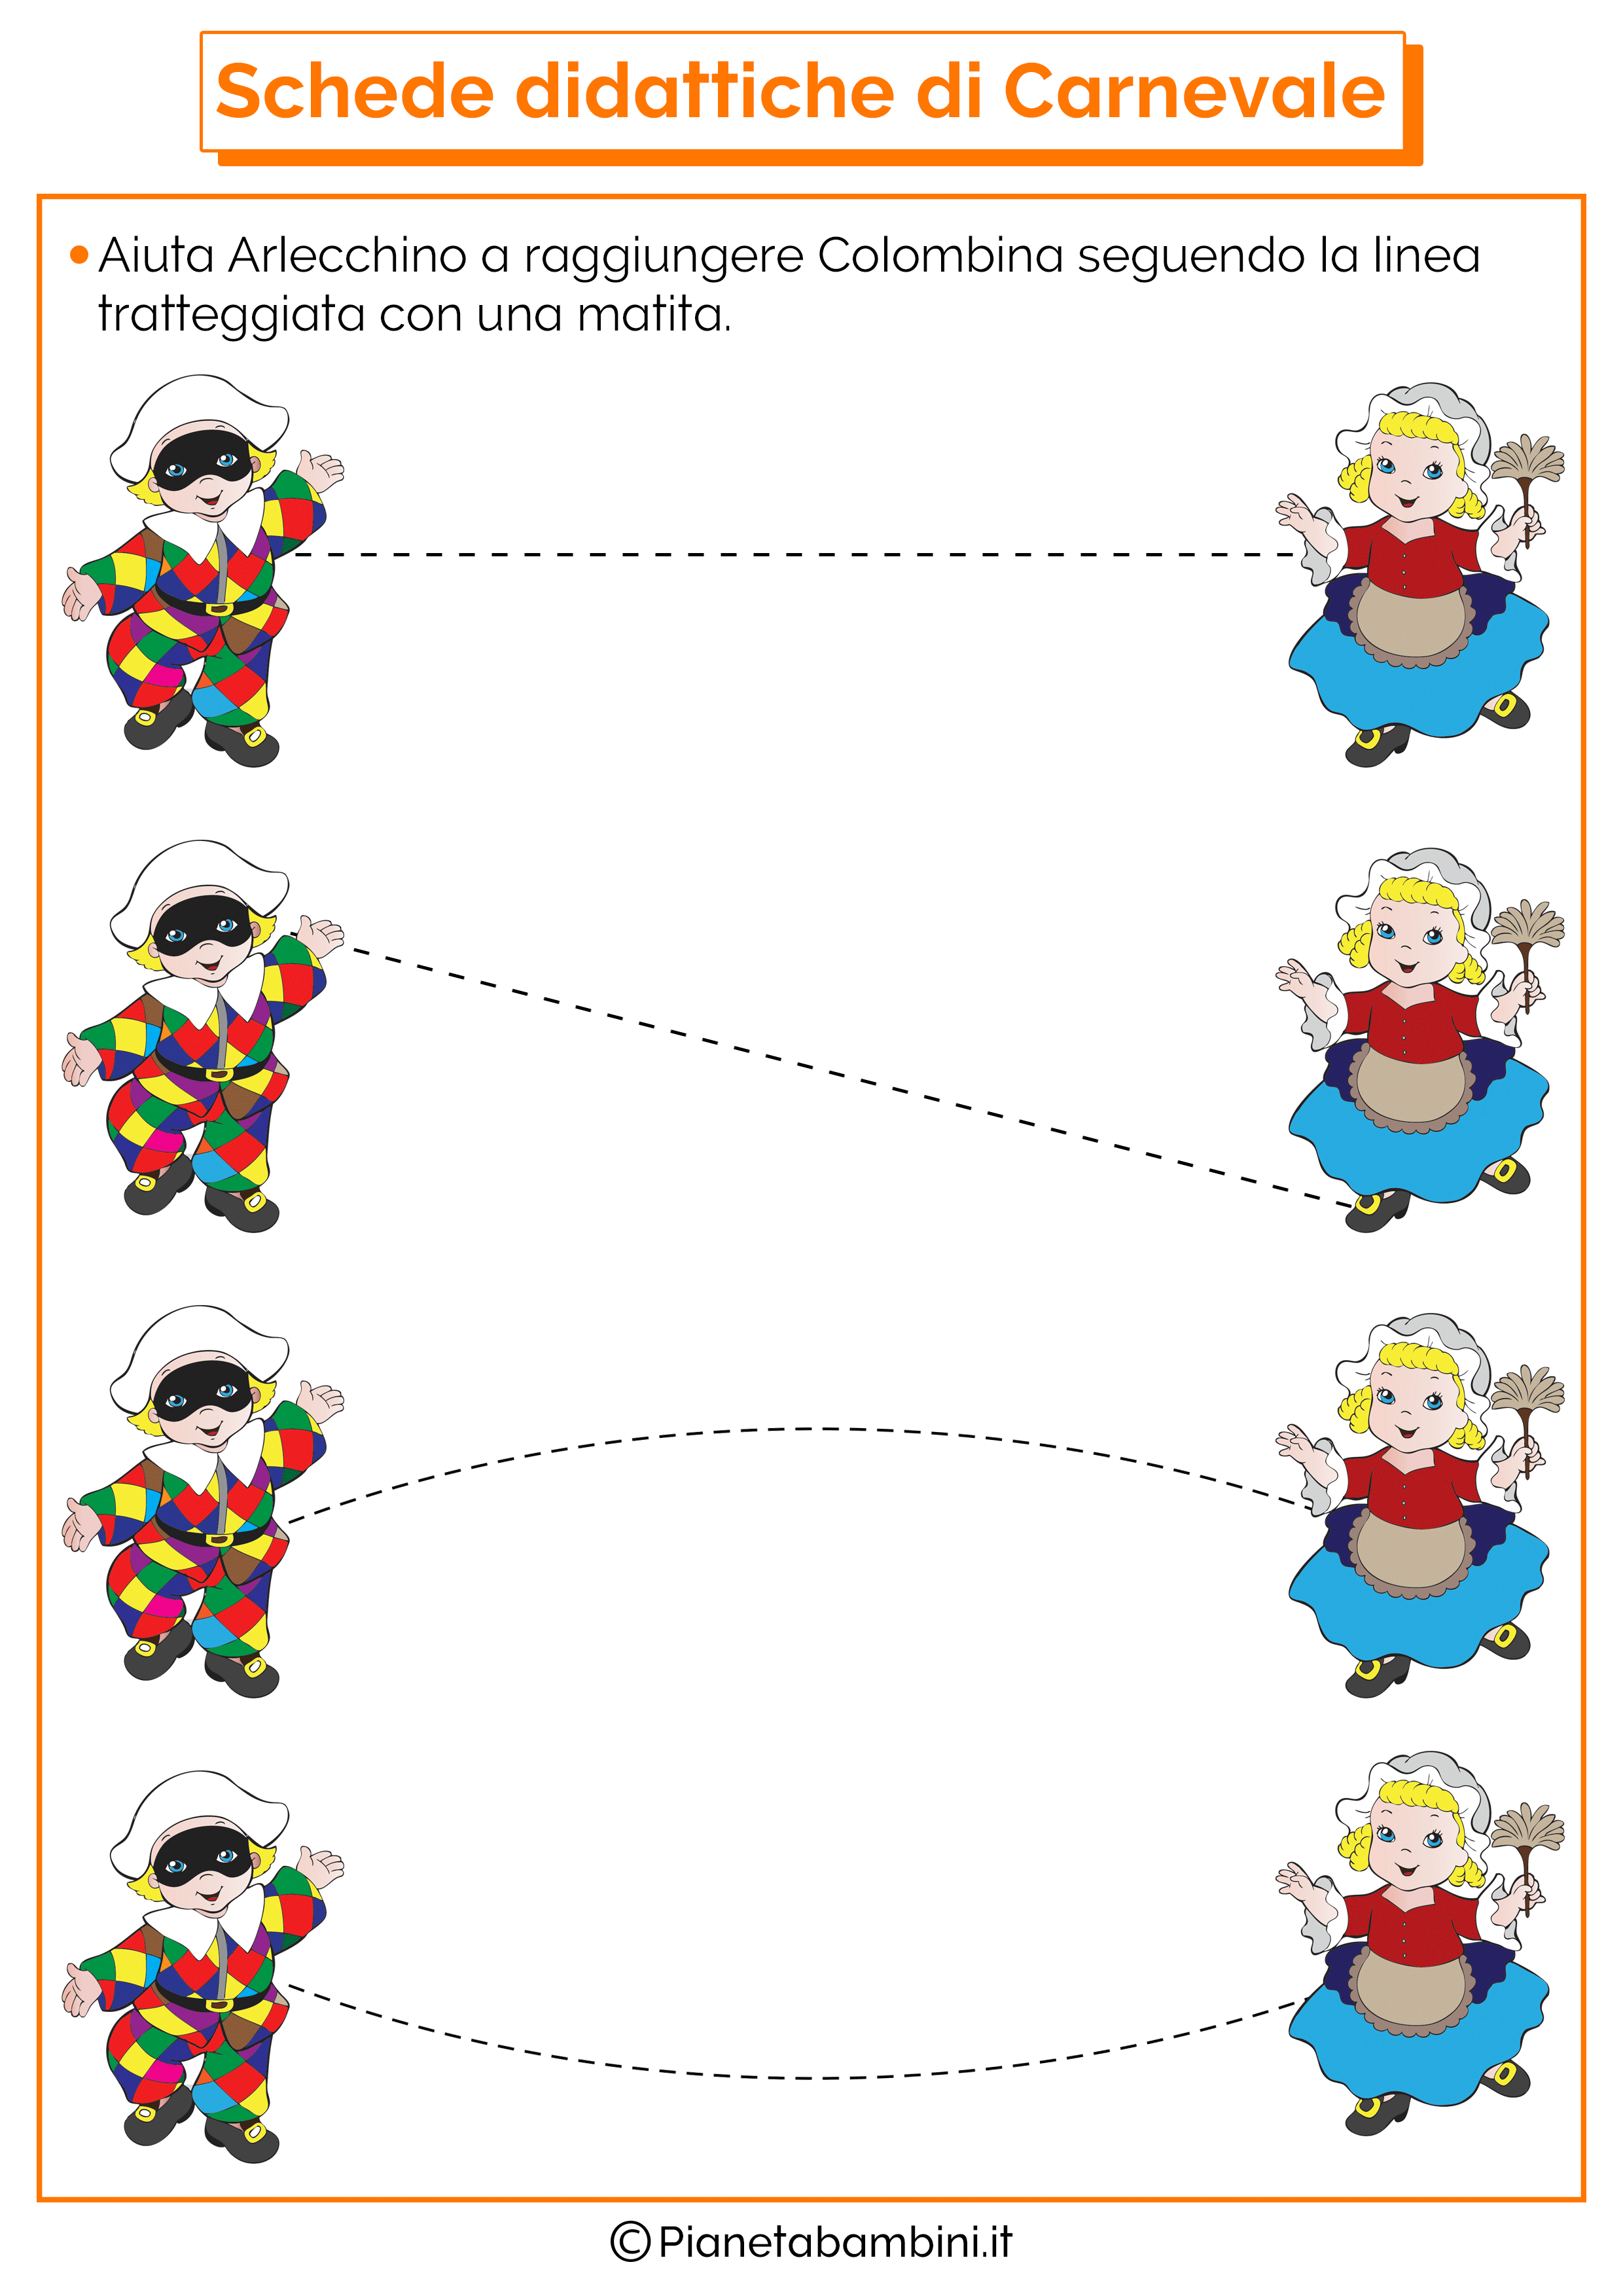 Schede didattiche di carnevale per la scuola dell infanzia for Cartelloni di carnevale scuola primaria